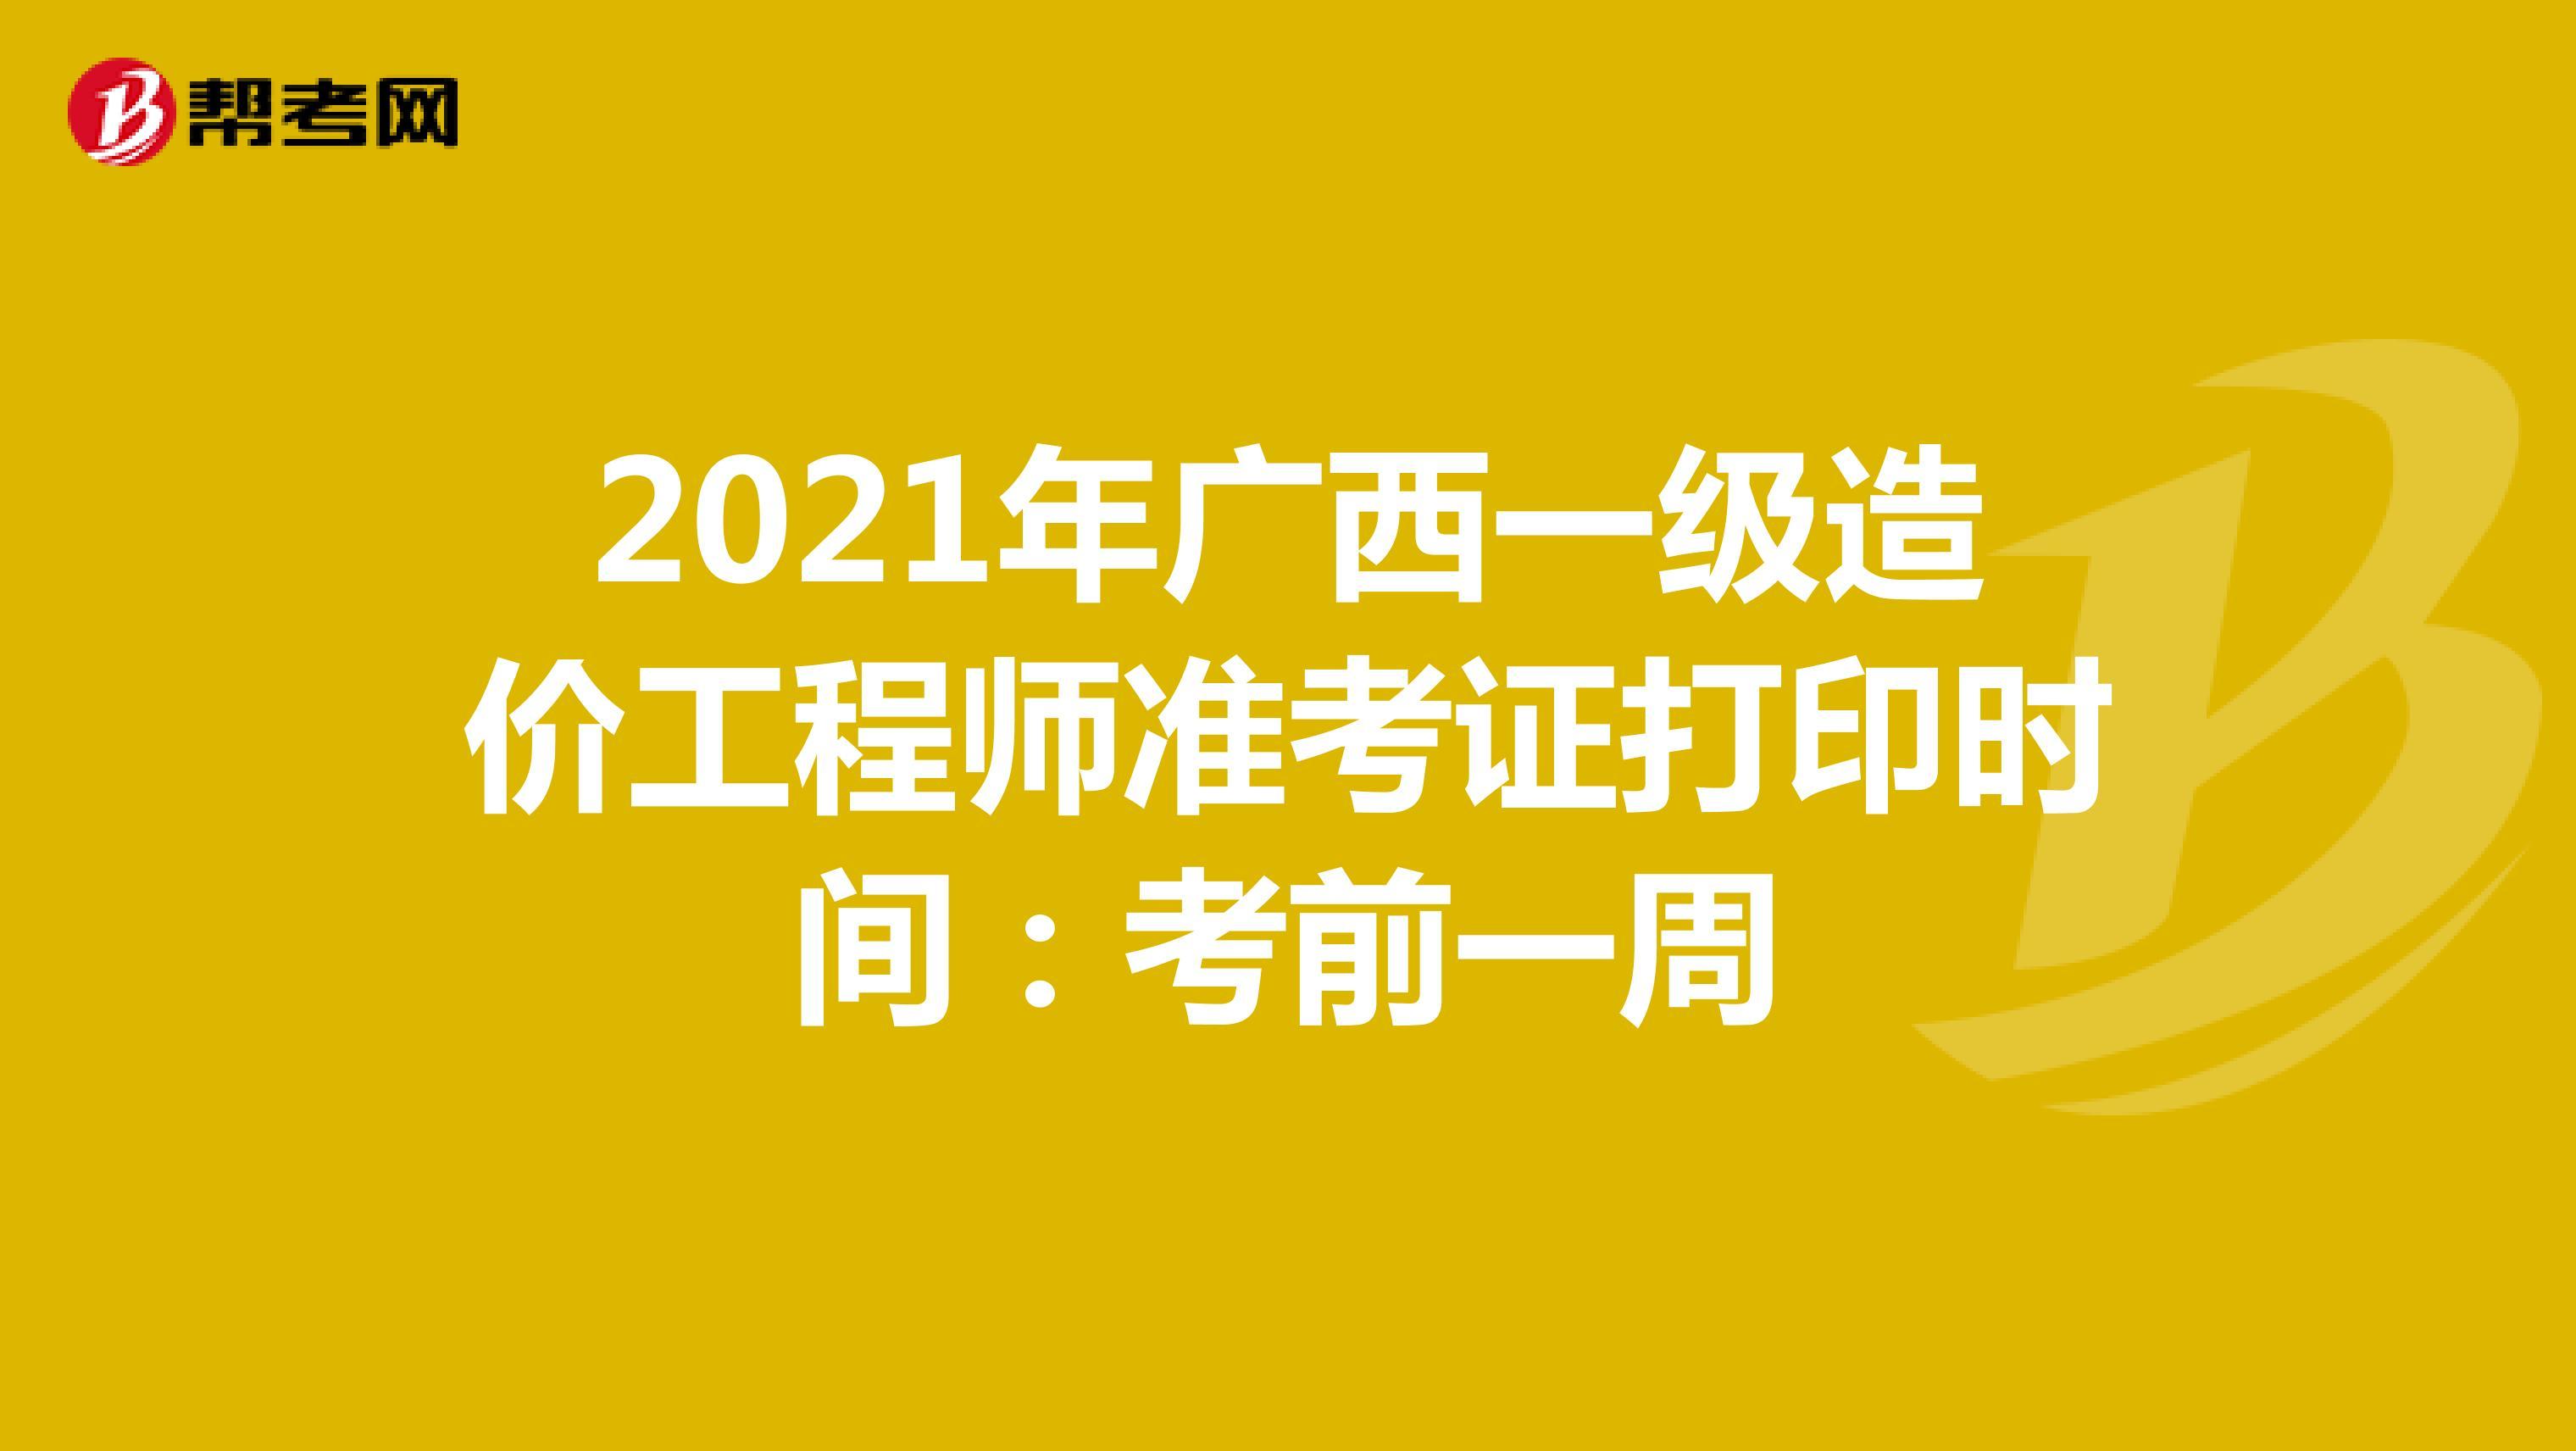 2021年广西一级造价工程师准考证打印时间:考前一周